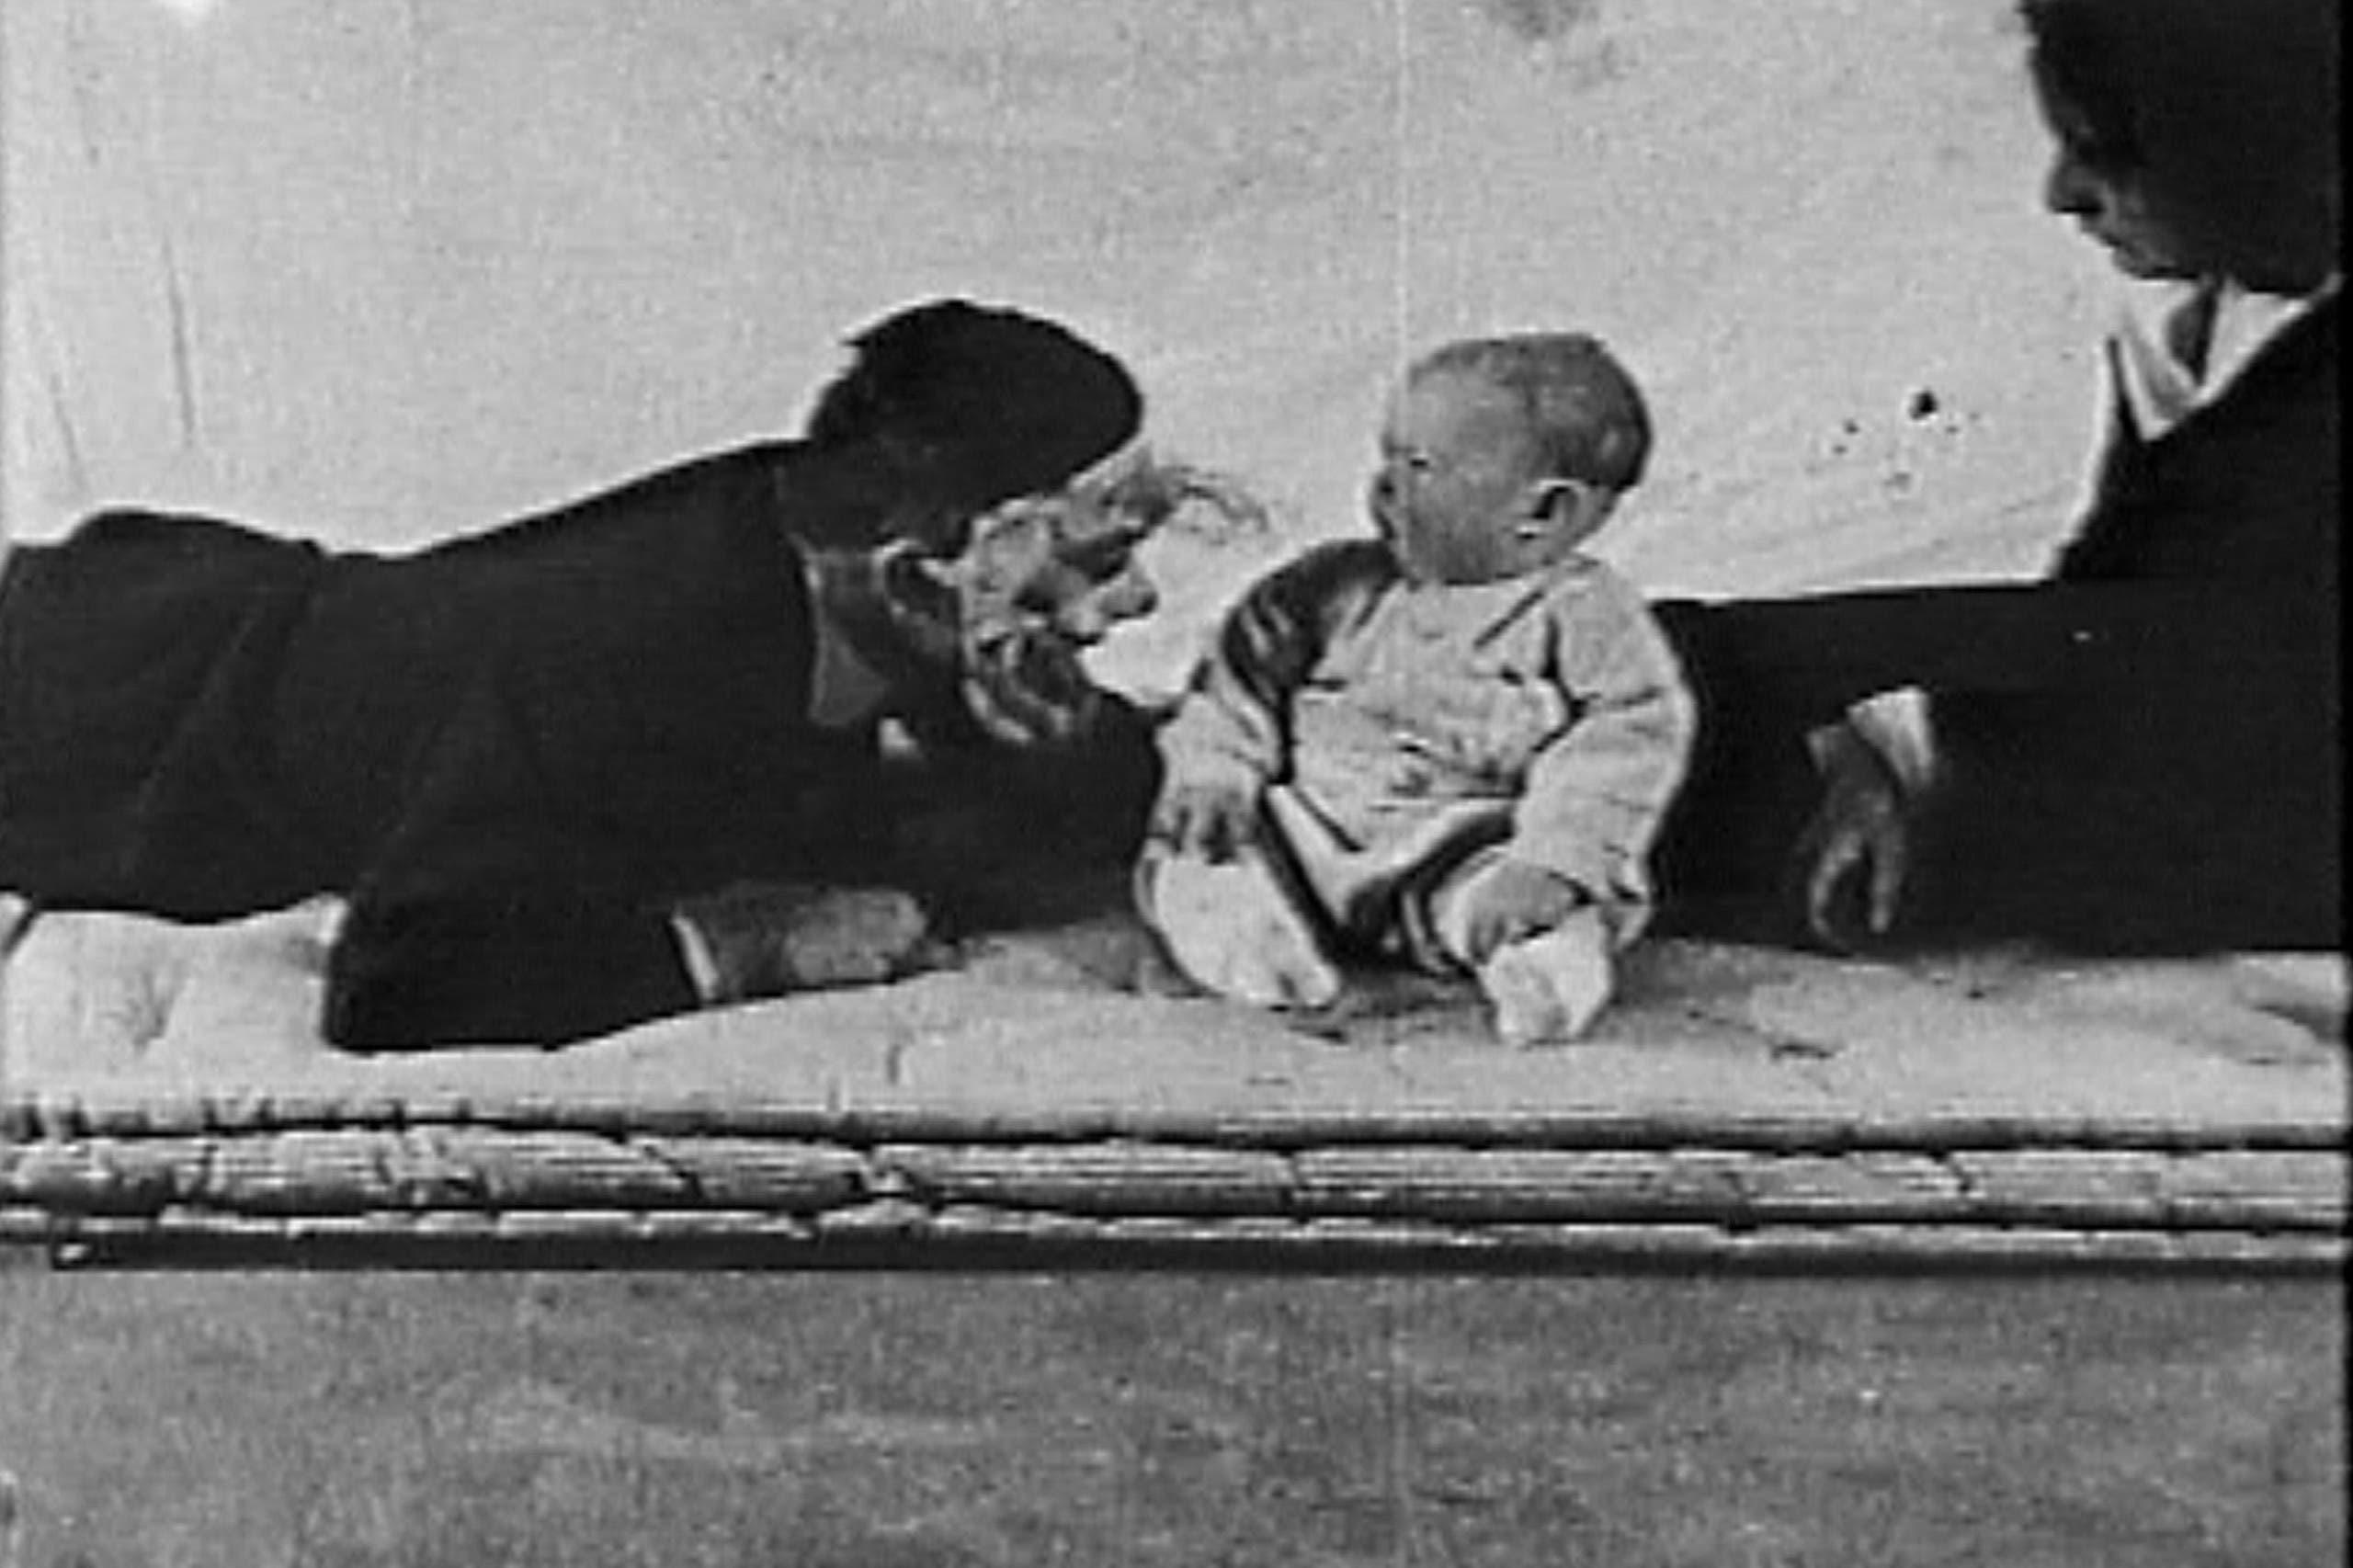 صورة فوتوغرافية للطبيب واتسون أثناء التجربة على الطفل ألبرت